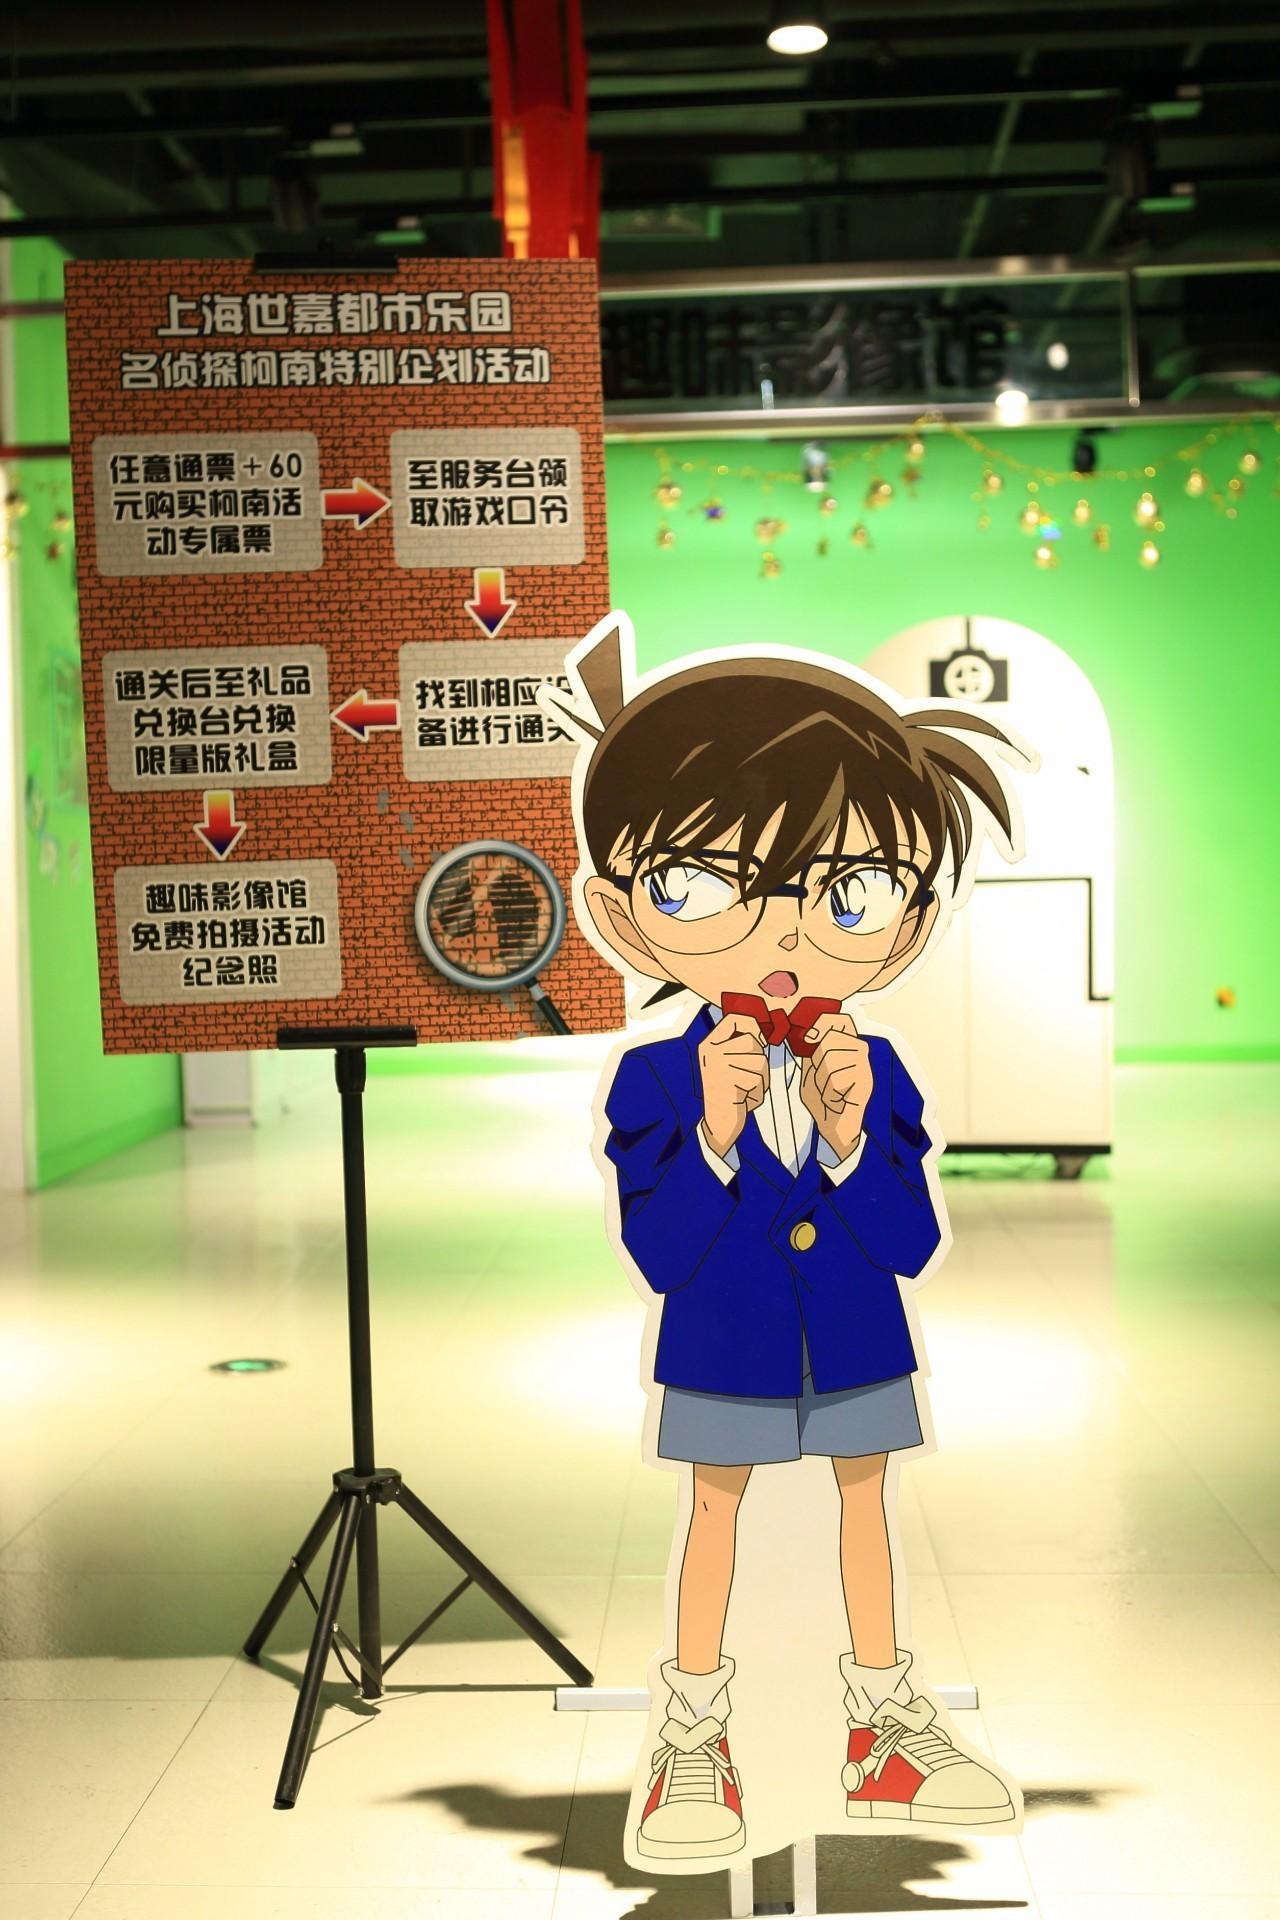 上海专业侦探公司_上海侦探公司收费标准_专业侦探公司